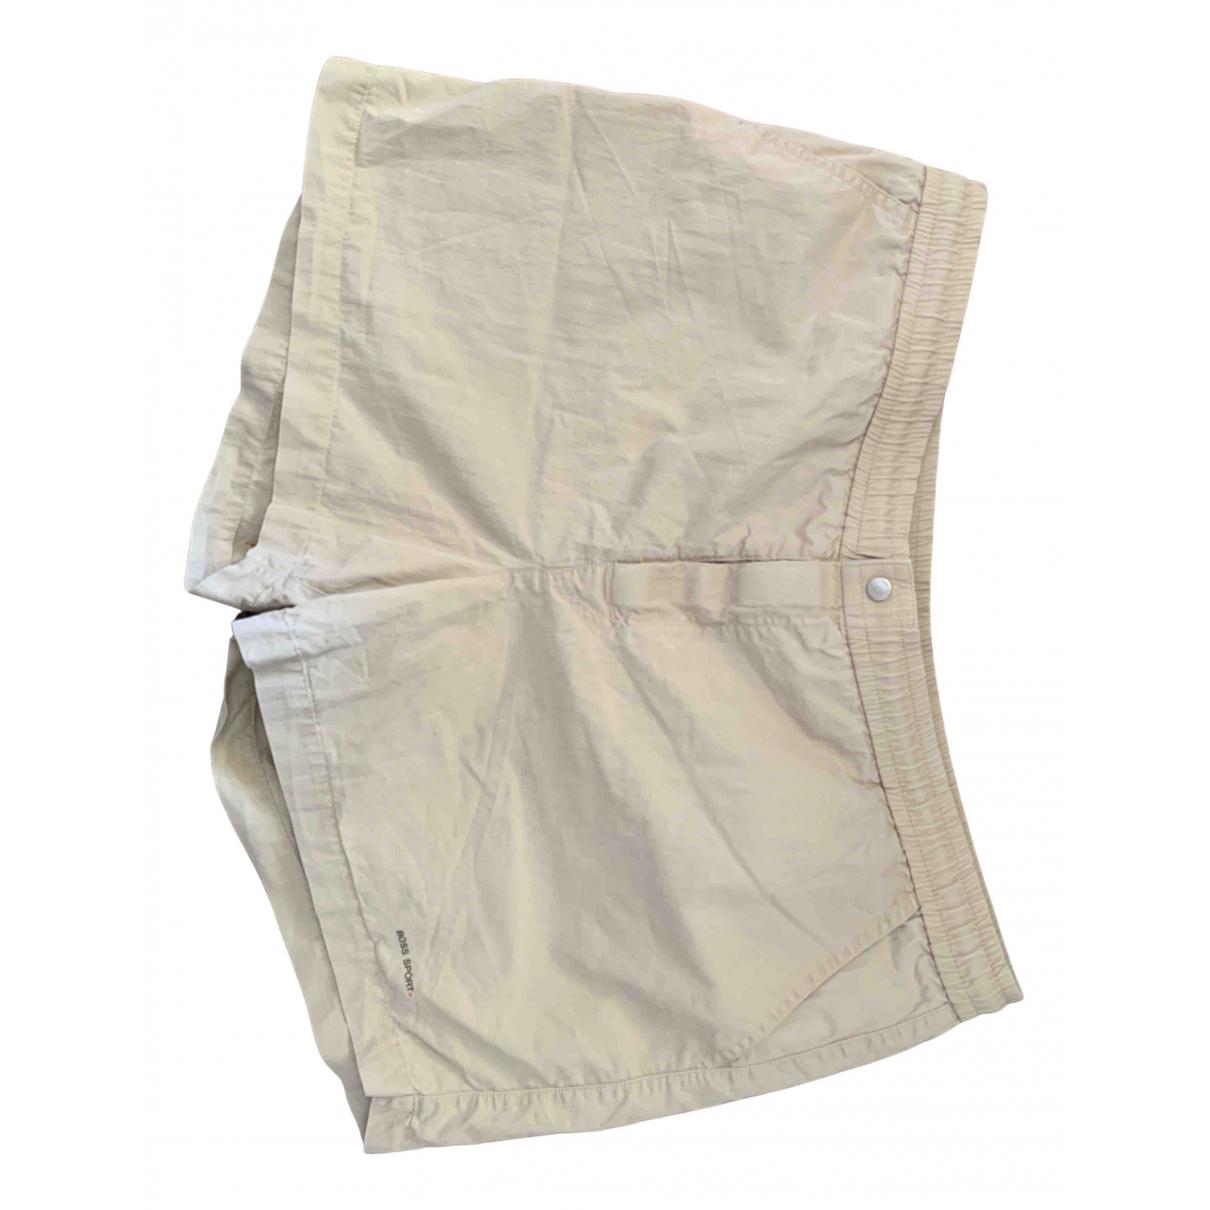 Hugo Boss \N Shorts in  Beige Synthetik